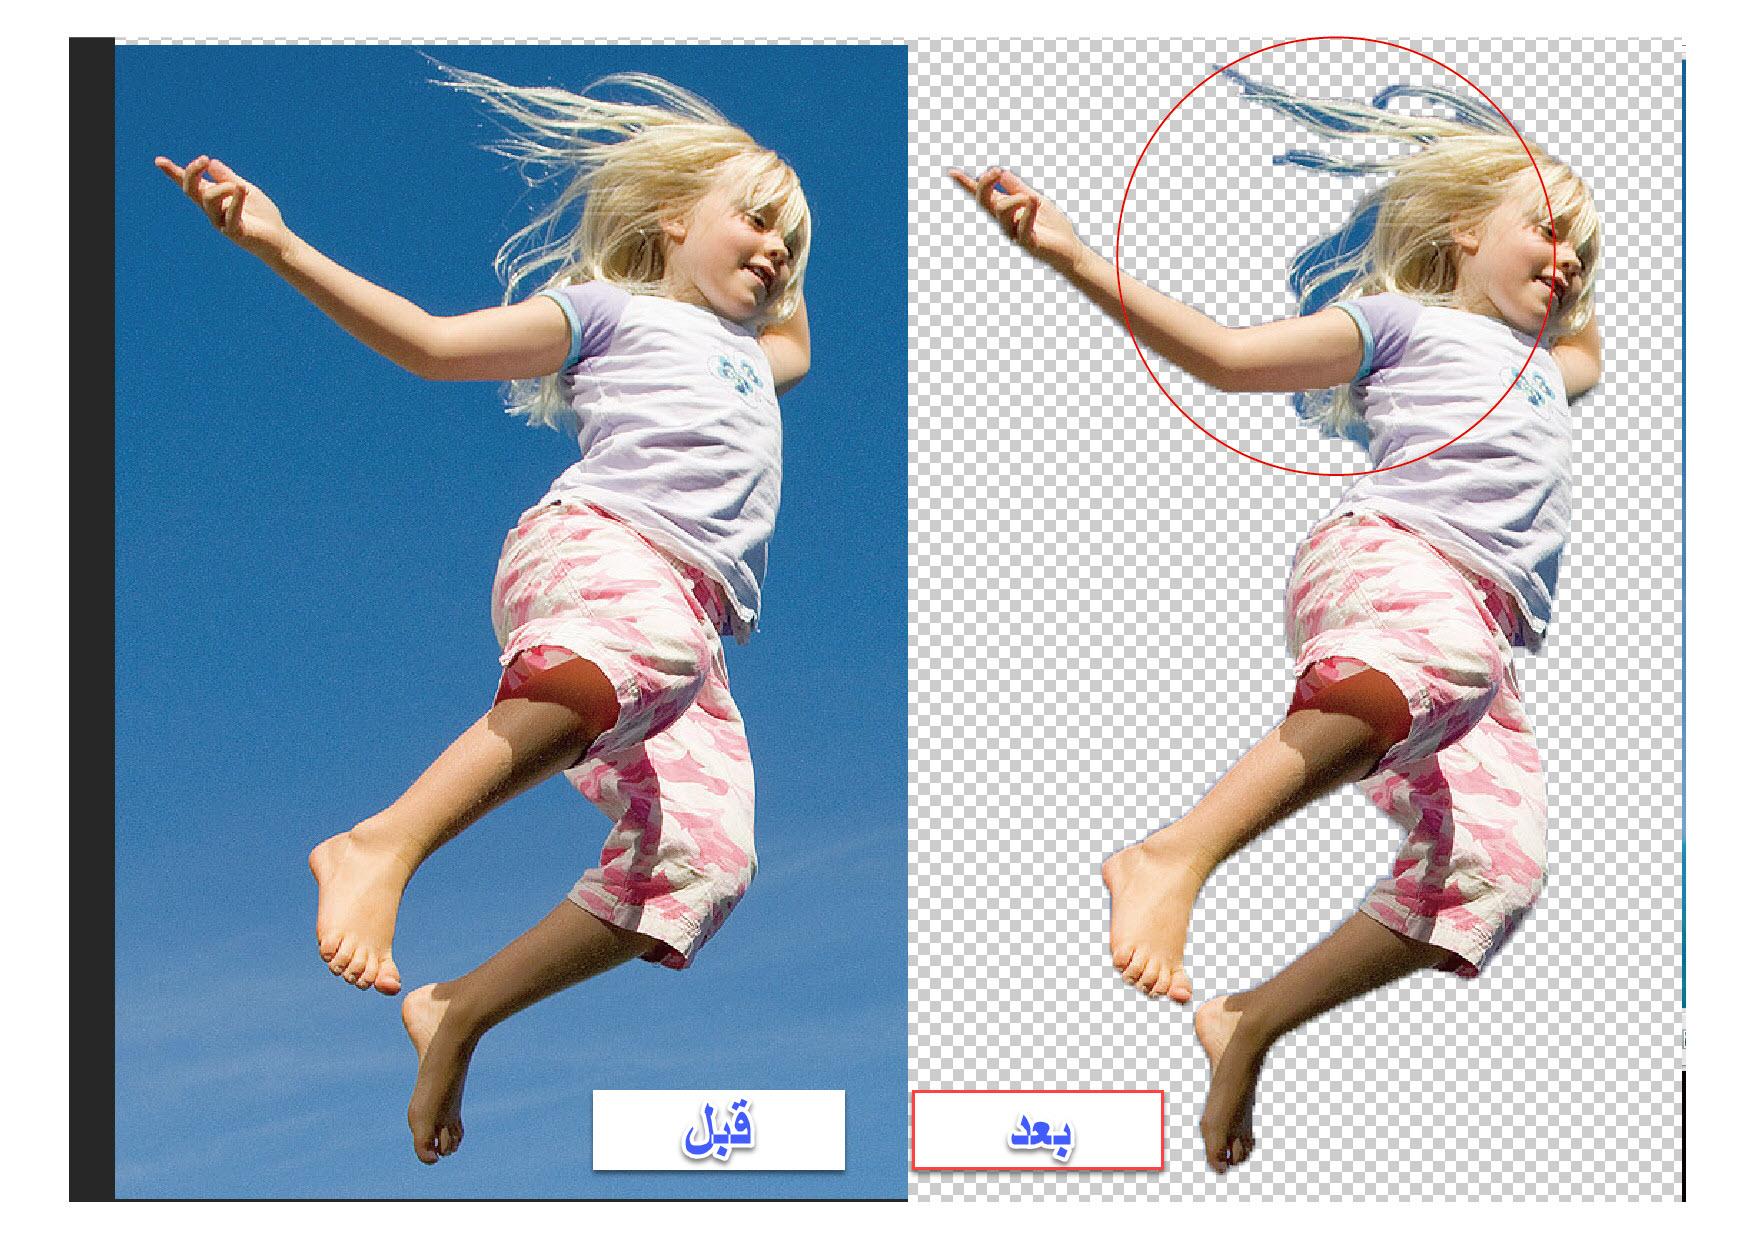 روش حذف پس زمینه عکس در فتوشاپ ، photoshop